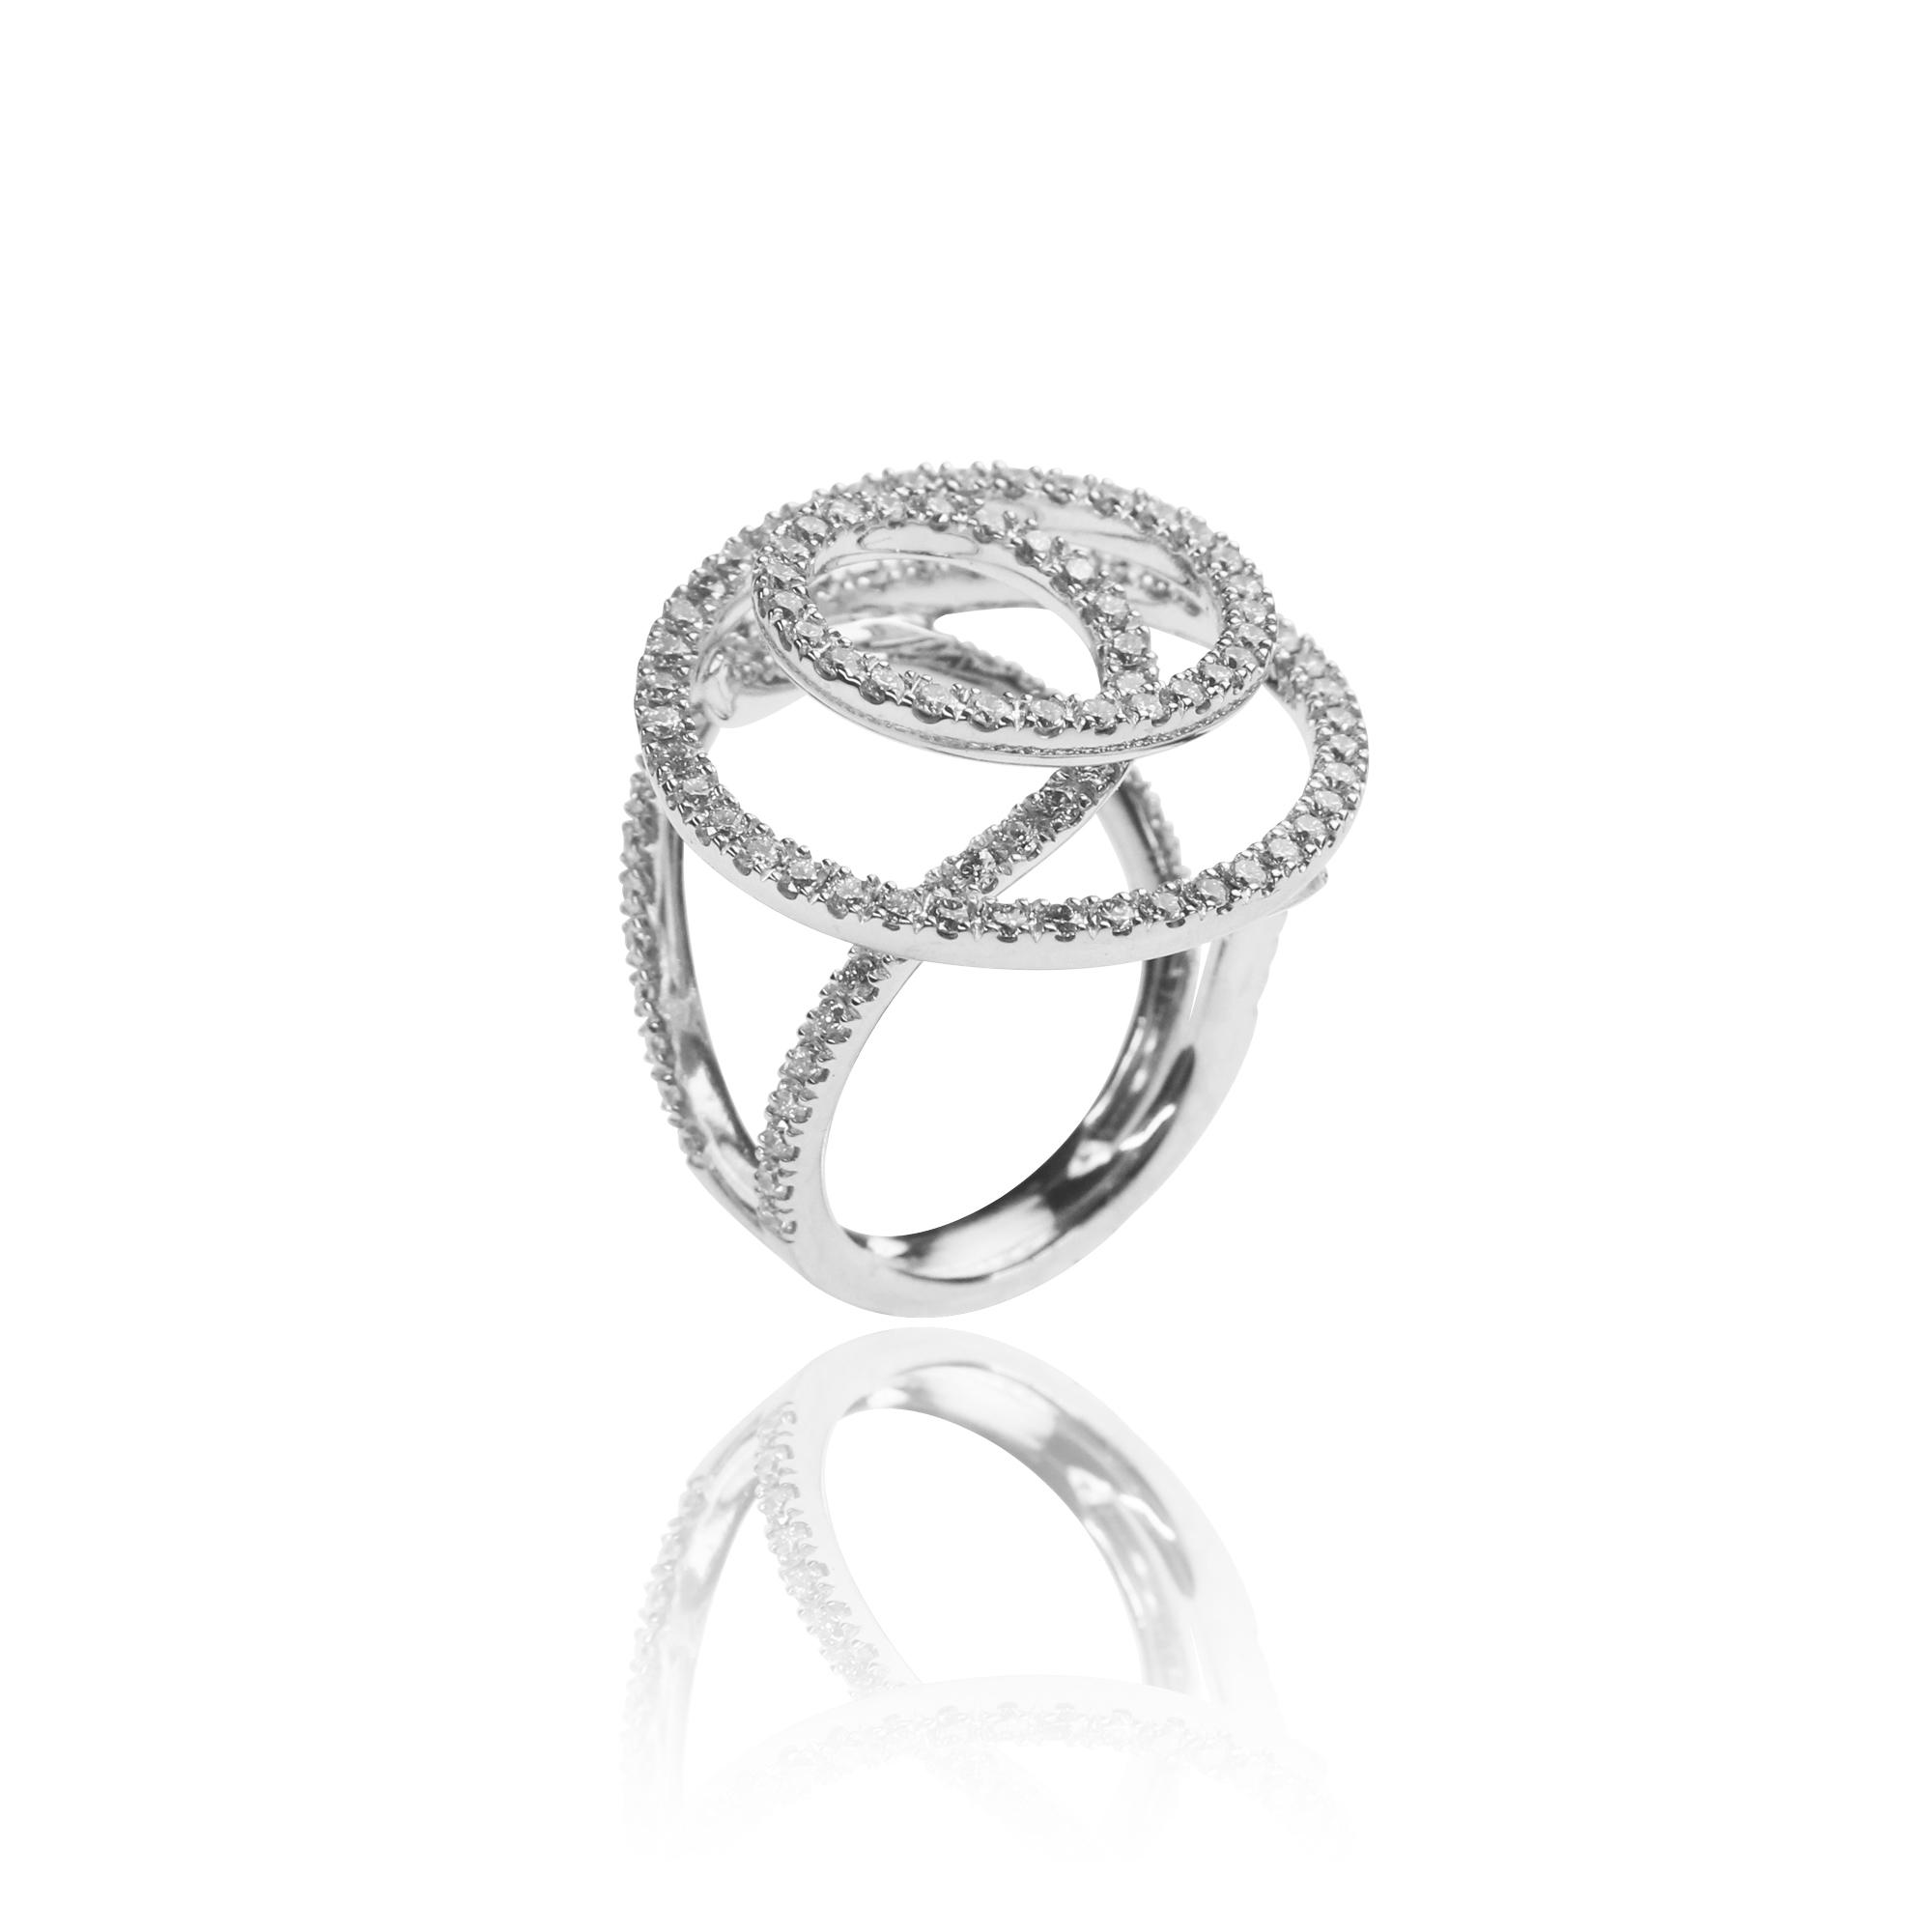 pierścionek infinito z białego złota 18 karatowego z diamentami